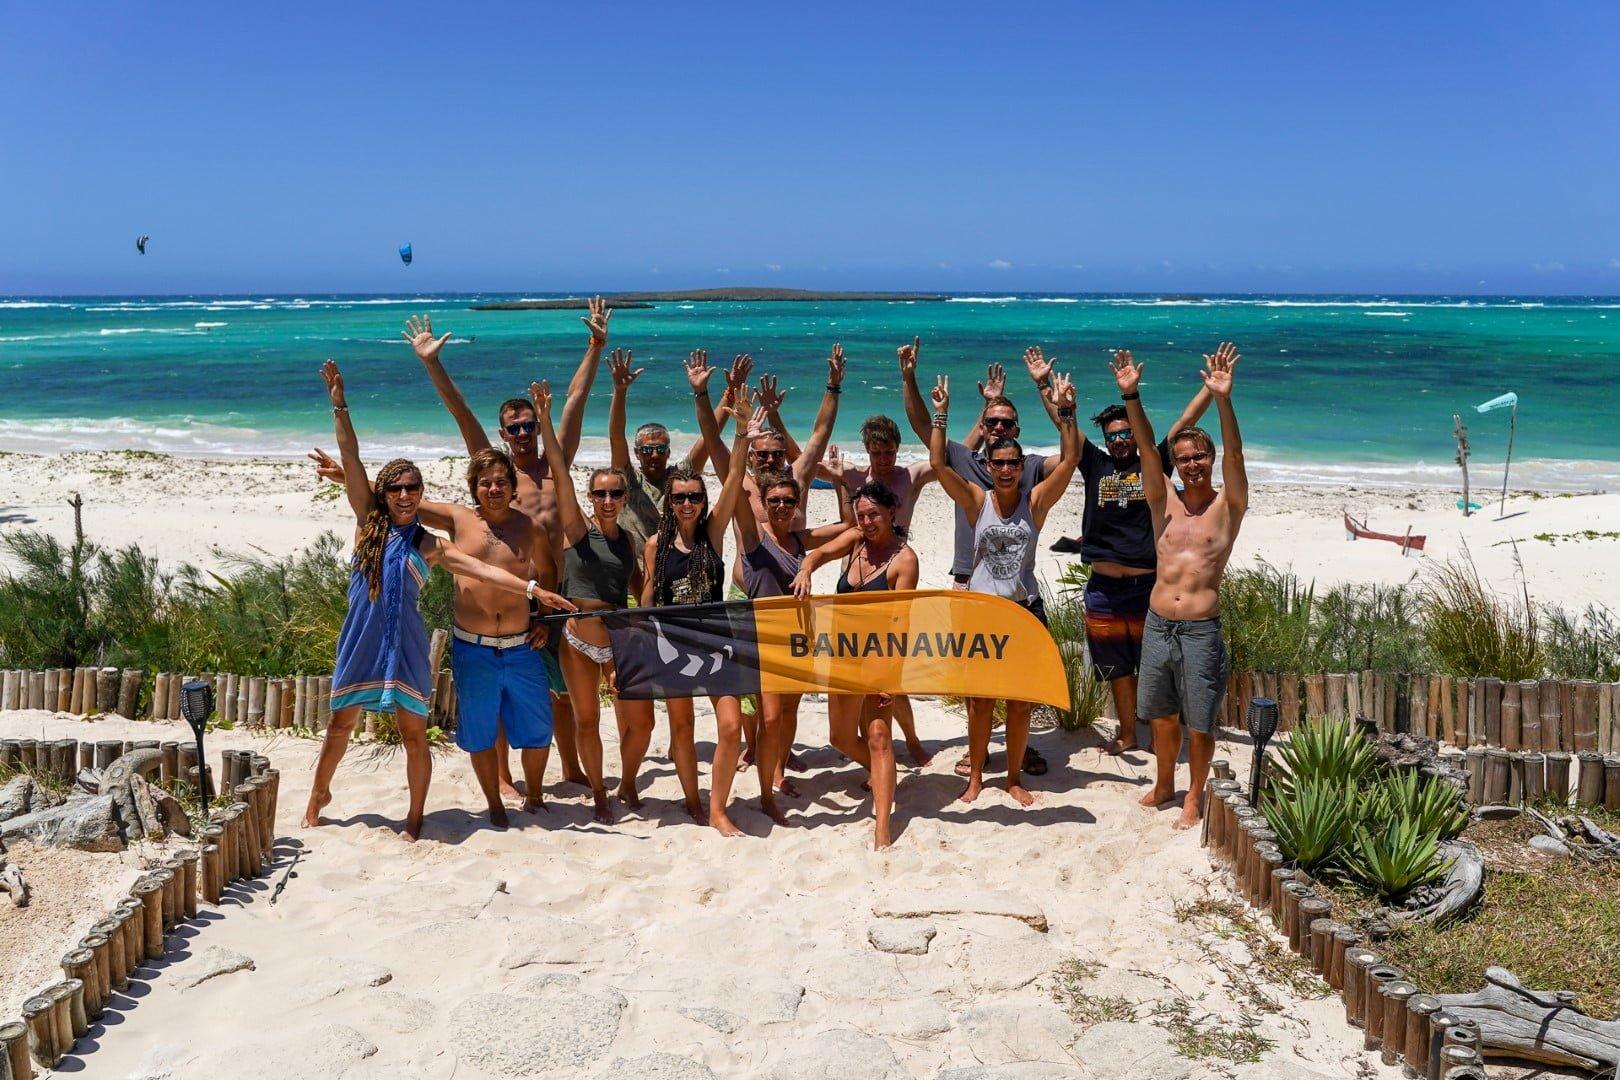 Kajtanje na Madagaskarju z Bananaway ekipo